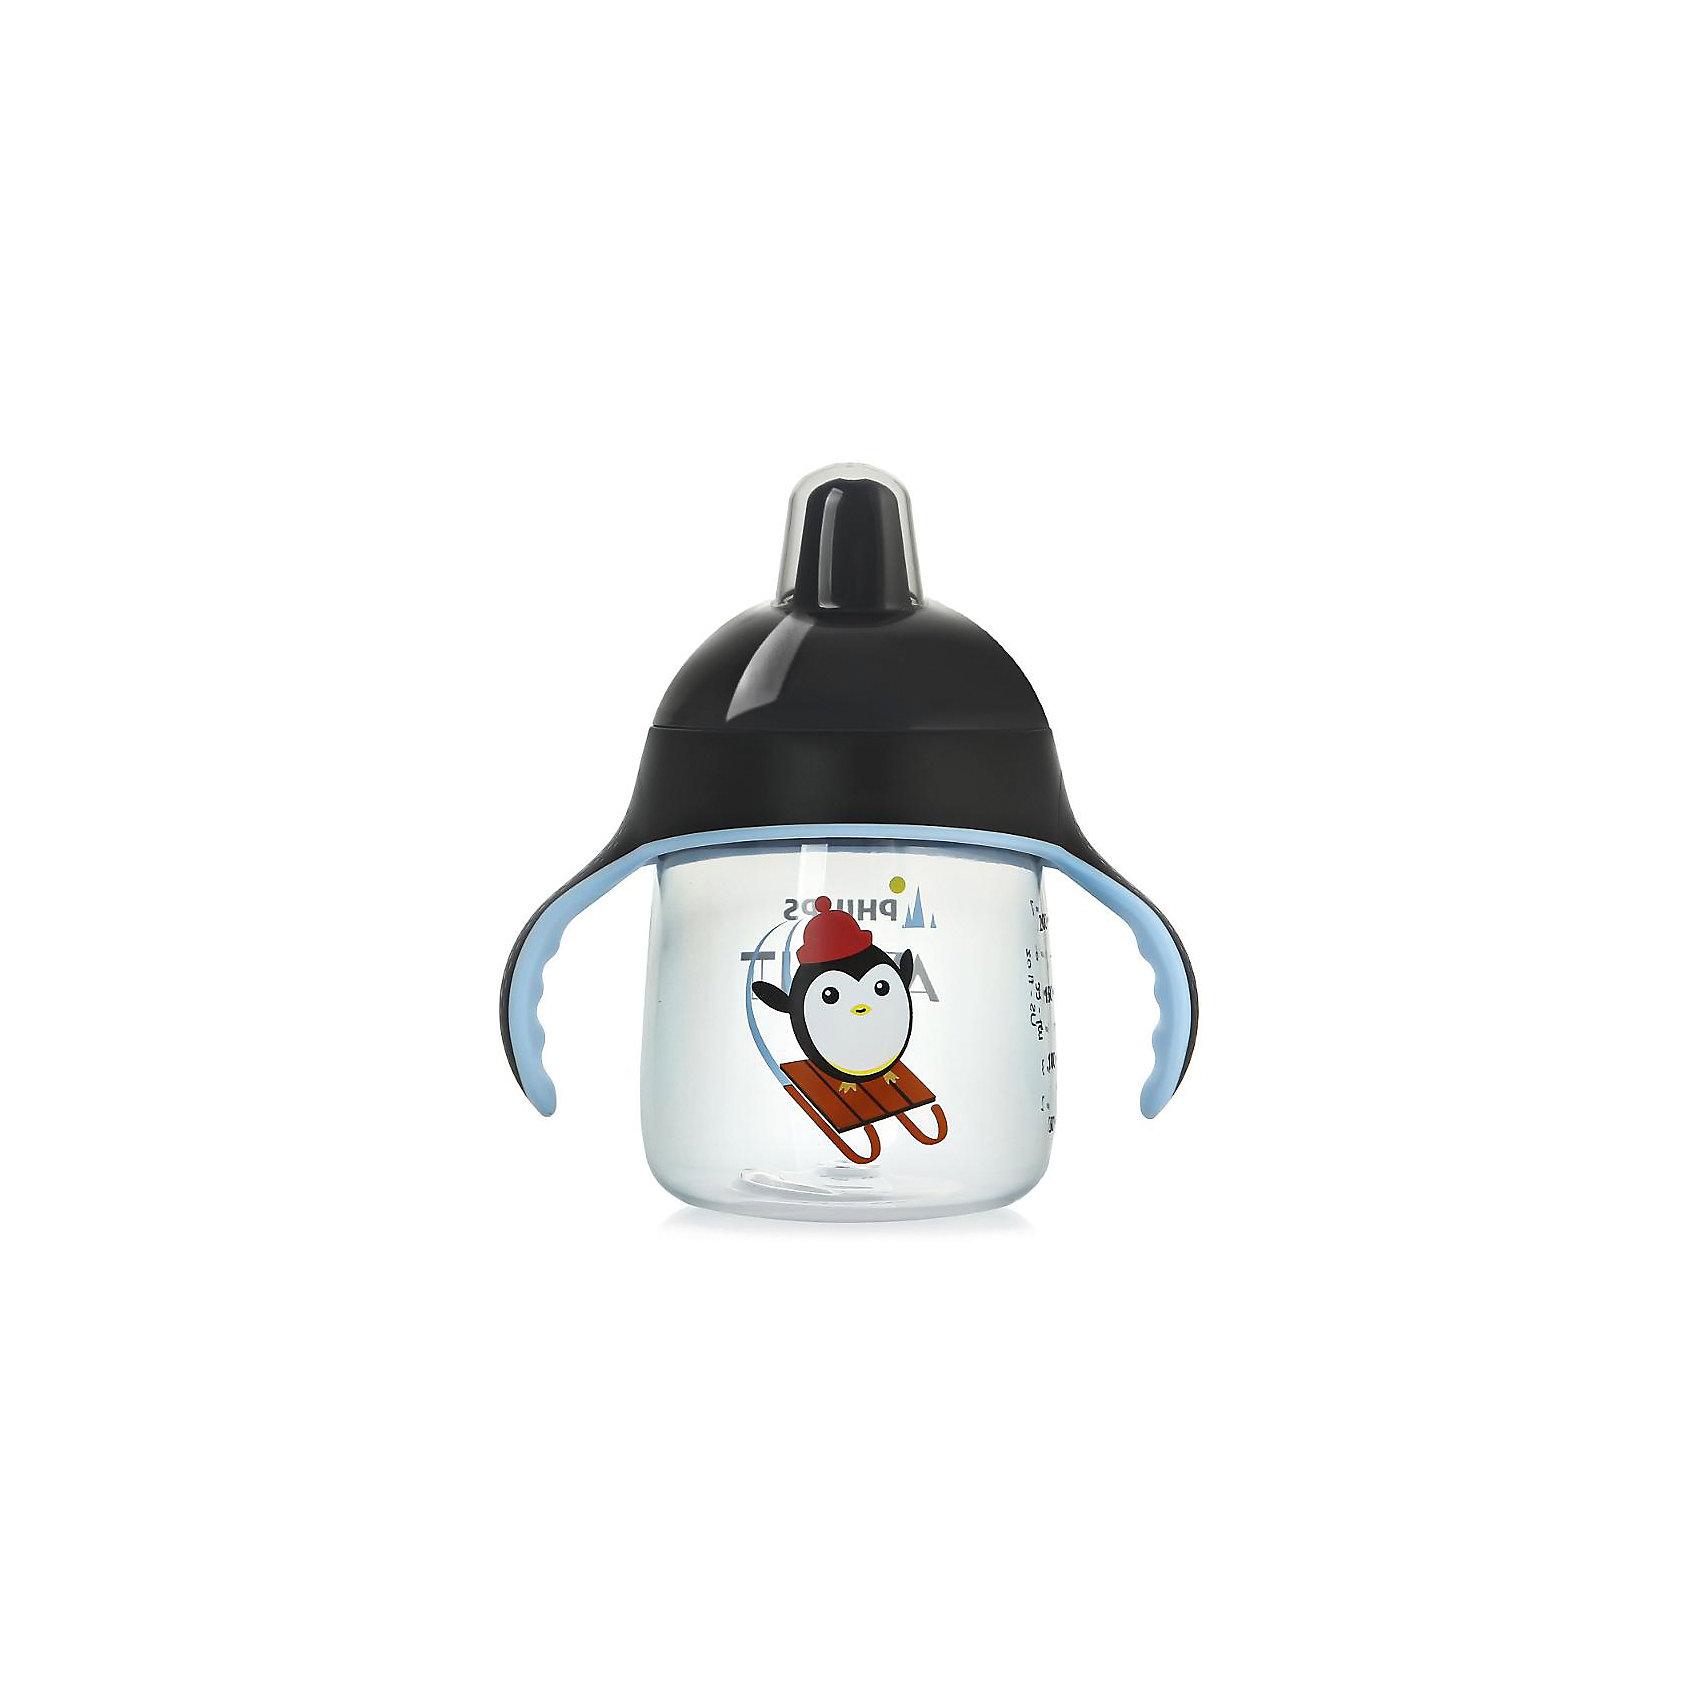 Чашка-поильник, 260 мл, 12 мес+, Philips Avent, черныйТакая чашка без труда поможет Вашему ребенку отучиться   от бутылочки! Она оснащена специальным клапаном, который предотвращает проливание. Мягкий носик, расположенный под углом, облегчает питье из чашки и предотвращает повреждение нежных десен ребенка.<br><br>Особенности:<br>- Для большего удобства, носик расположен под углом.<br>- Мягкие силиконовые ручки.<br>- Чашка не содержит БИСФЕНОЛ-А.<br>- Можно мыть в посудомоечной машине.<br>- Легко превращается в обычную чашку.<br><br>Дополнительная информация:<br><br>- Возраст: от 12 месяцев.<br>- Объем: 260 мл.<br>- Цвет: черный.<br>- Размер упаковки: 9х12,5х19,8 см..<br>- Вес в упаковке: 112 г.<br><br>Купить чашку-поильник Philips Avent в черном цвете, можно в нашем магазине.<br><br>Ширина мм: 90<br>Глубина мм: 125<br>Высота мм: 198<br>Вес г: 112<br>Возраст от месяцев: 12<br>Возраст до месяцев: 36<br>Пол: Мужской<br>Возраст: Детский<br>SKU: 4880871